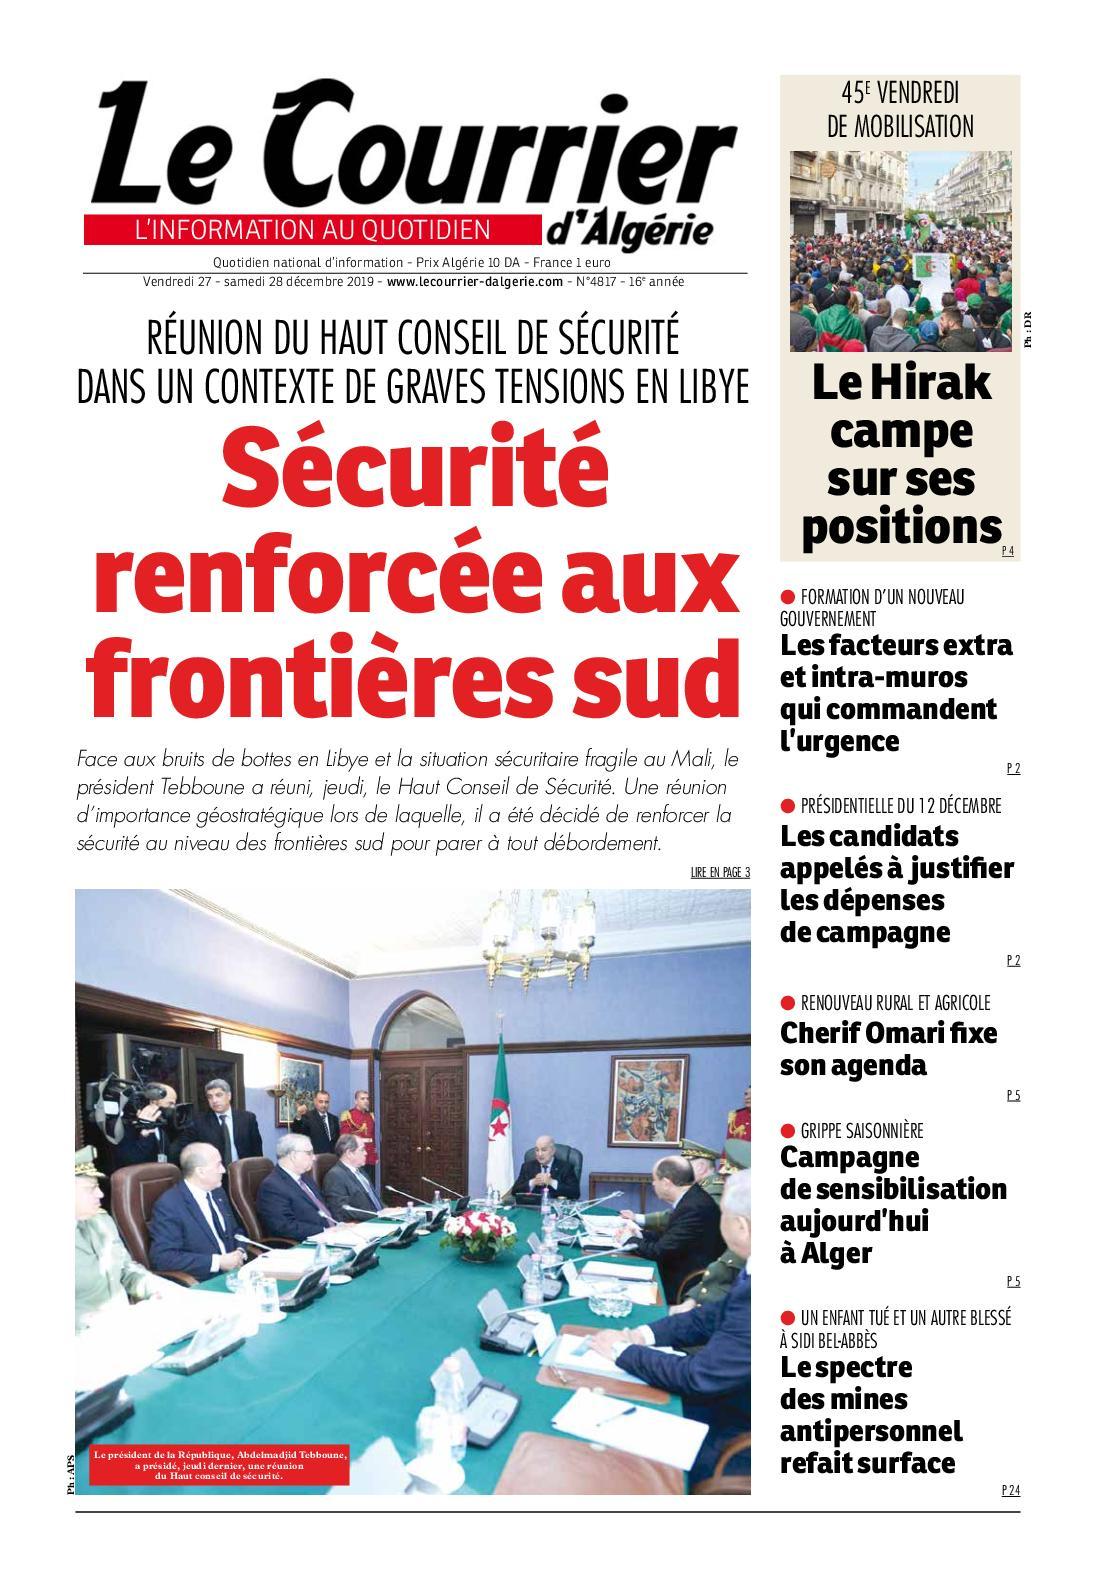 Le Courrier d'Algérie du samedi 28 décembre 2019